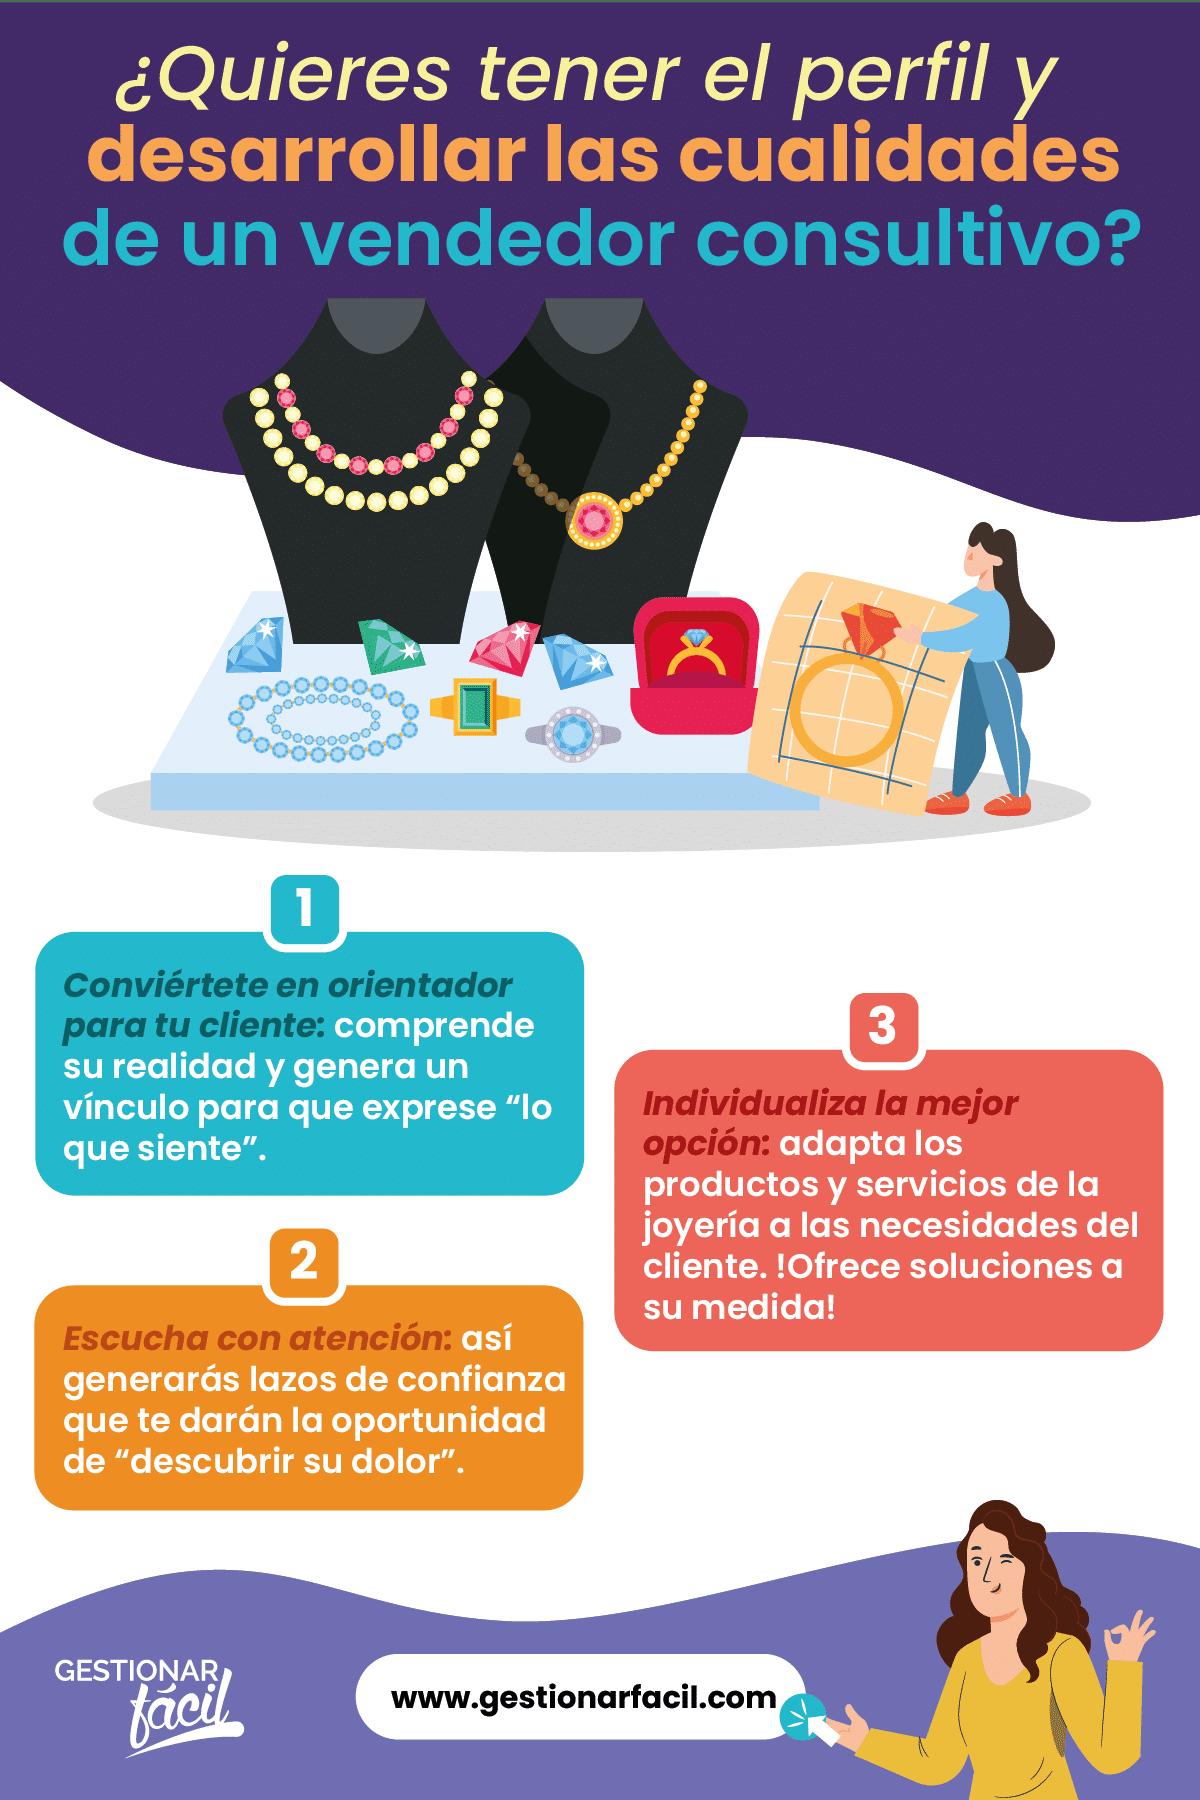 Perfil y cualidades del vendedor consultivo en una joyería.